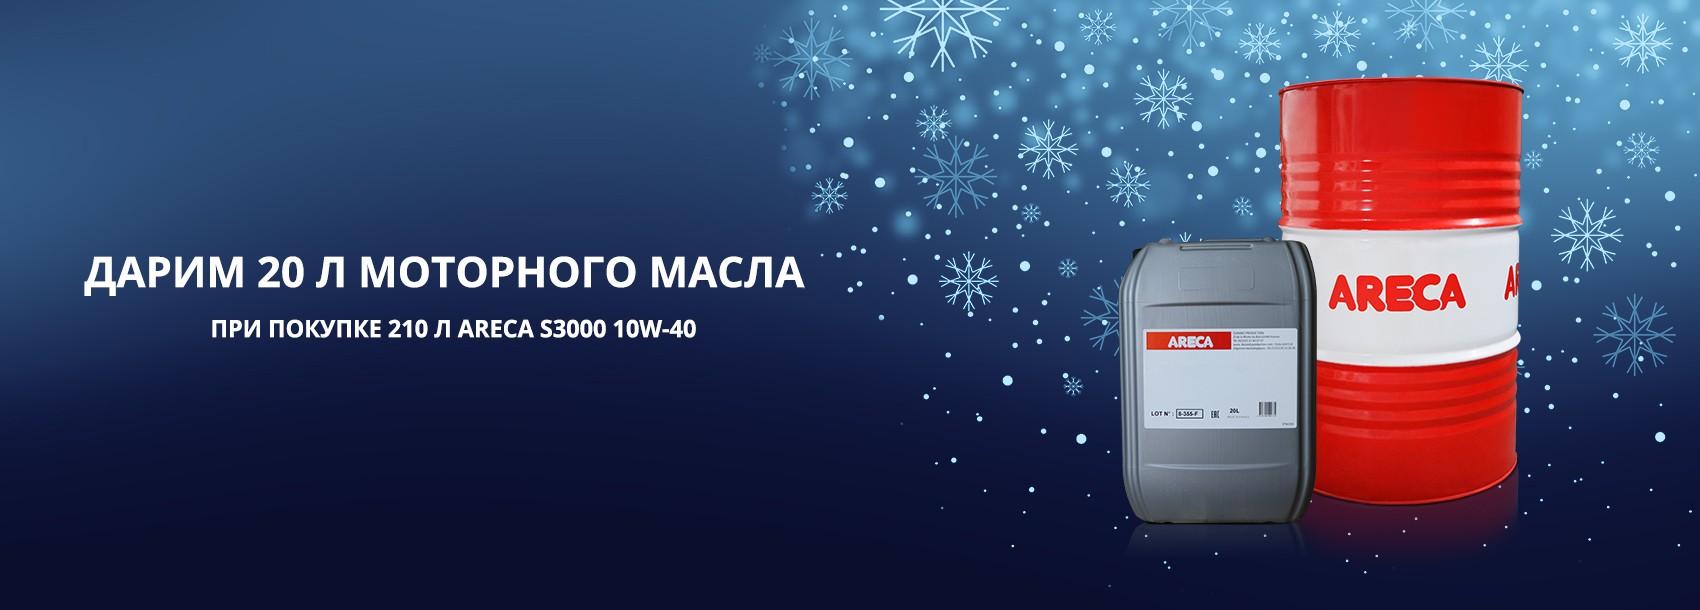 Дарим 20 л моторного масла Areca S3000 10W-40